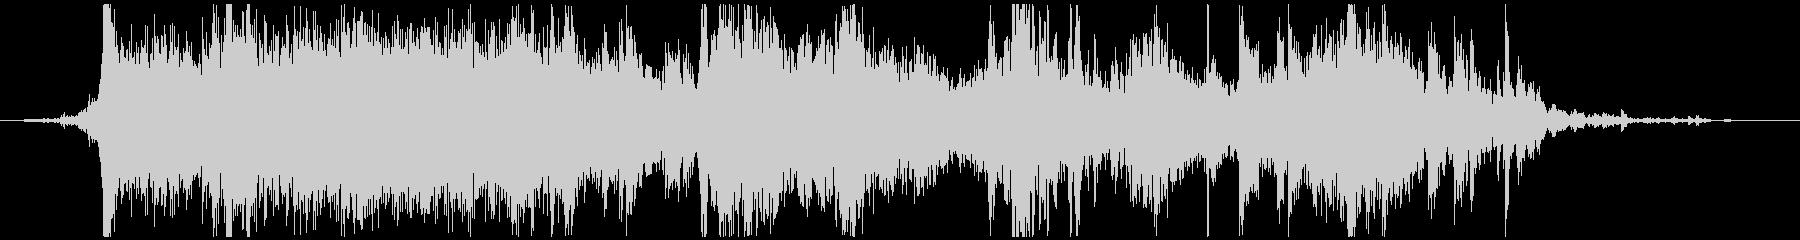 メタル ラウドミディアム02の未再生の波形